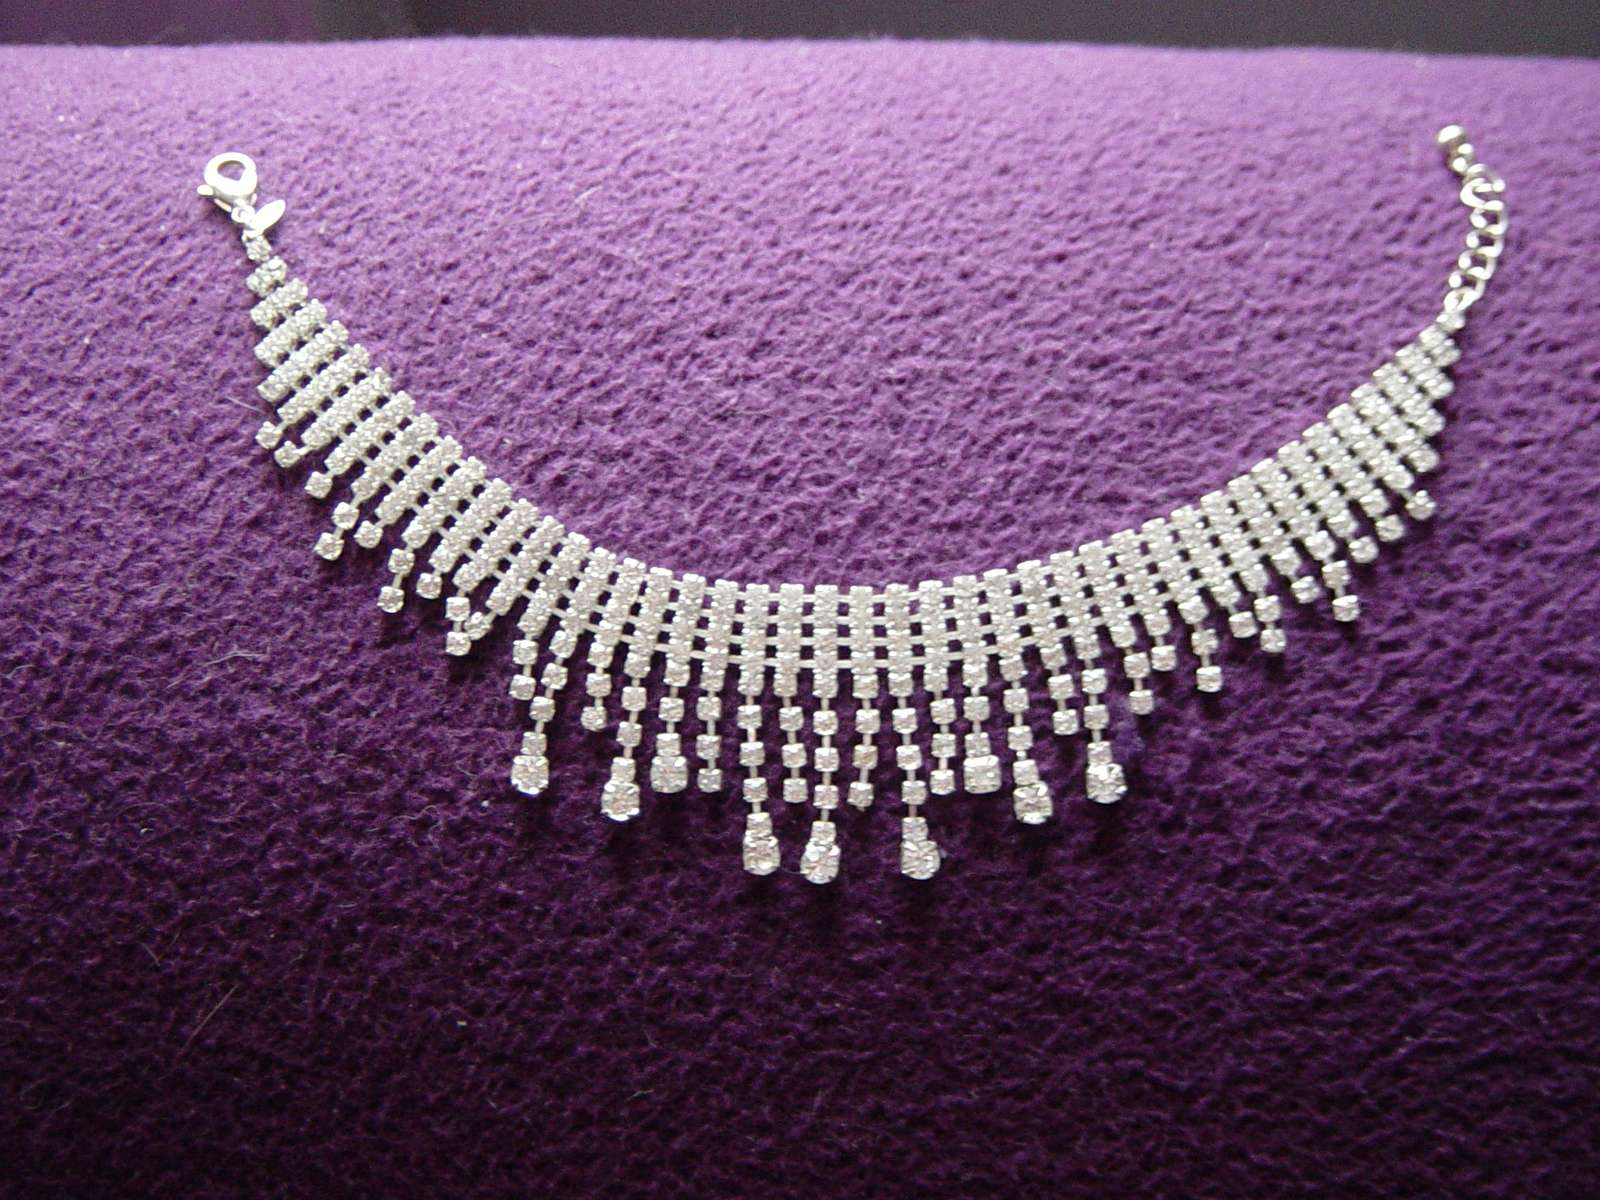 štrasový náramok/náhrdelník - Obrázok č. 1